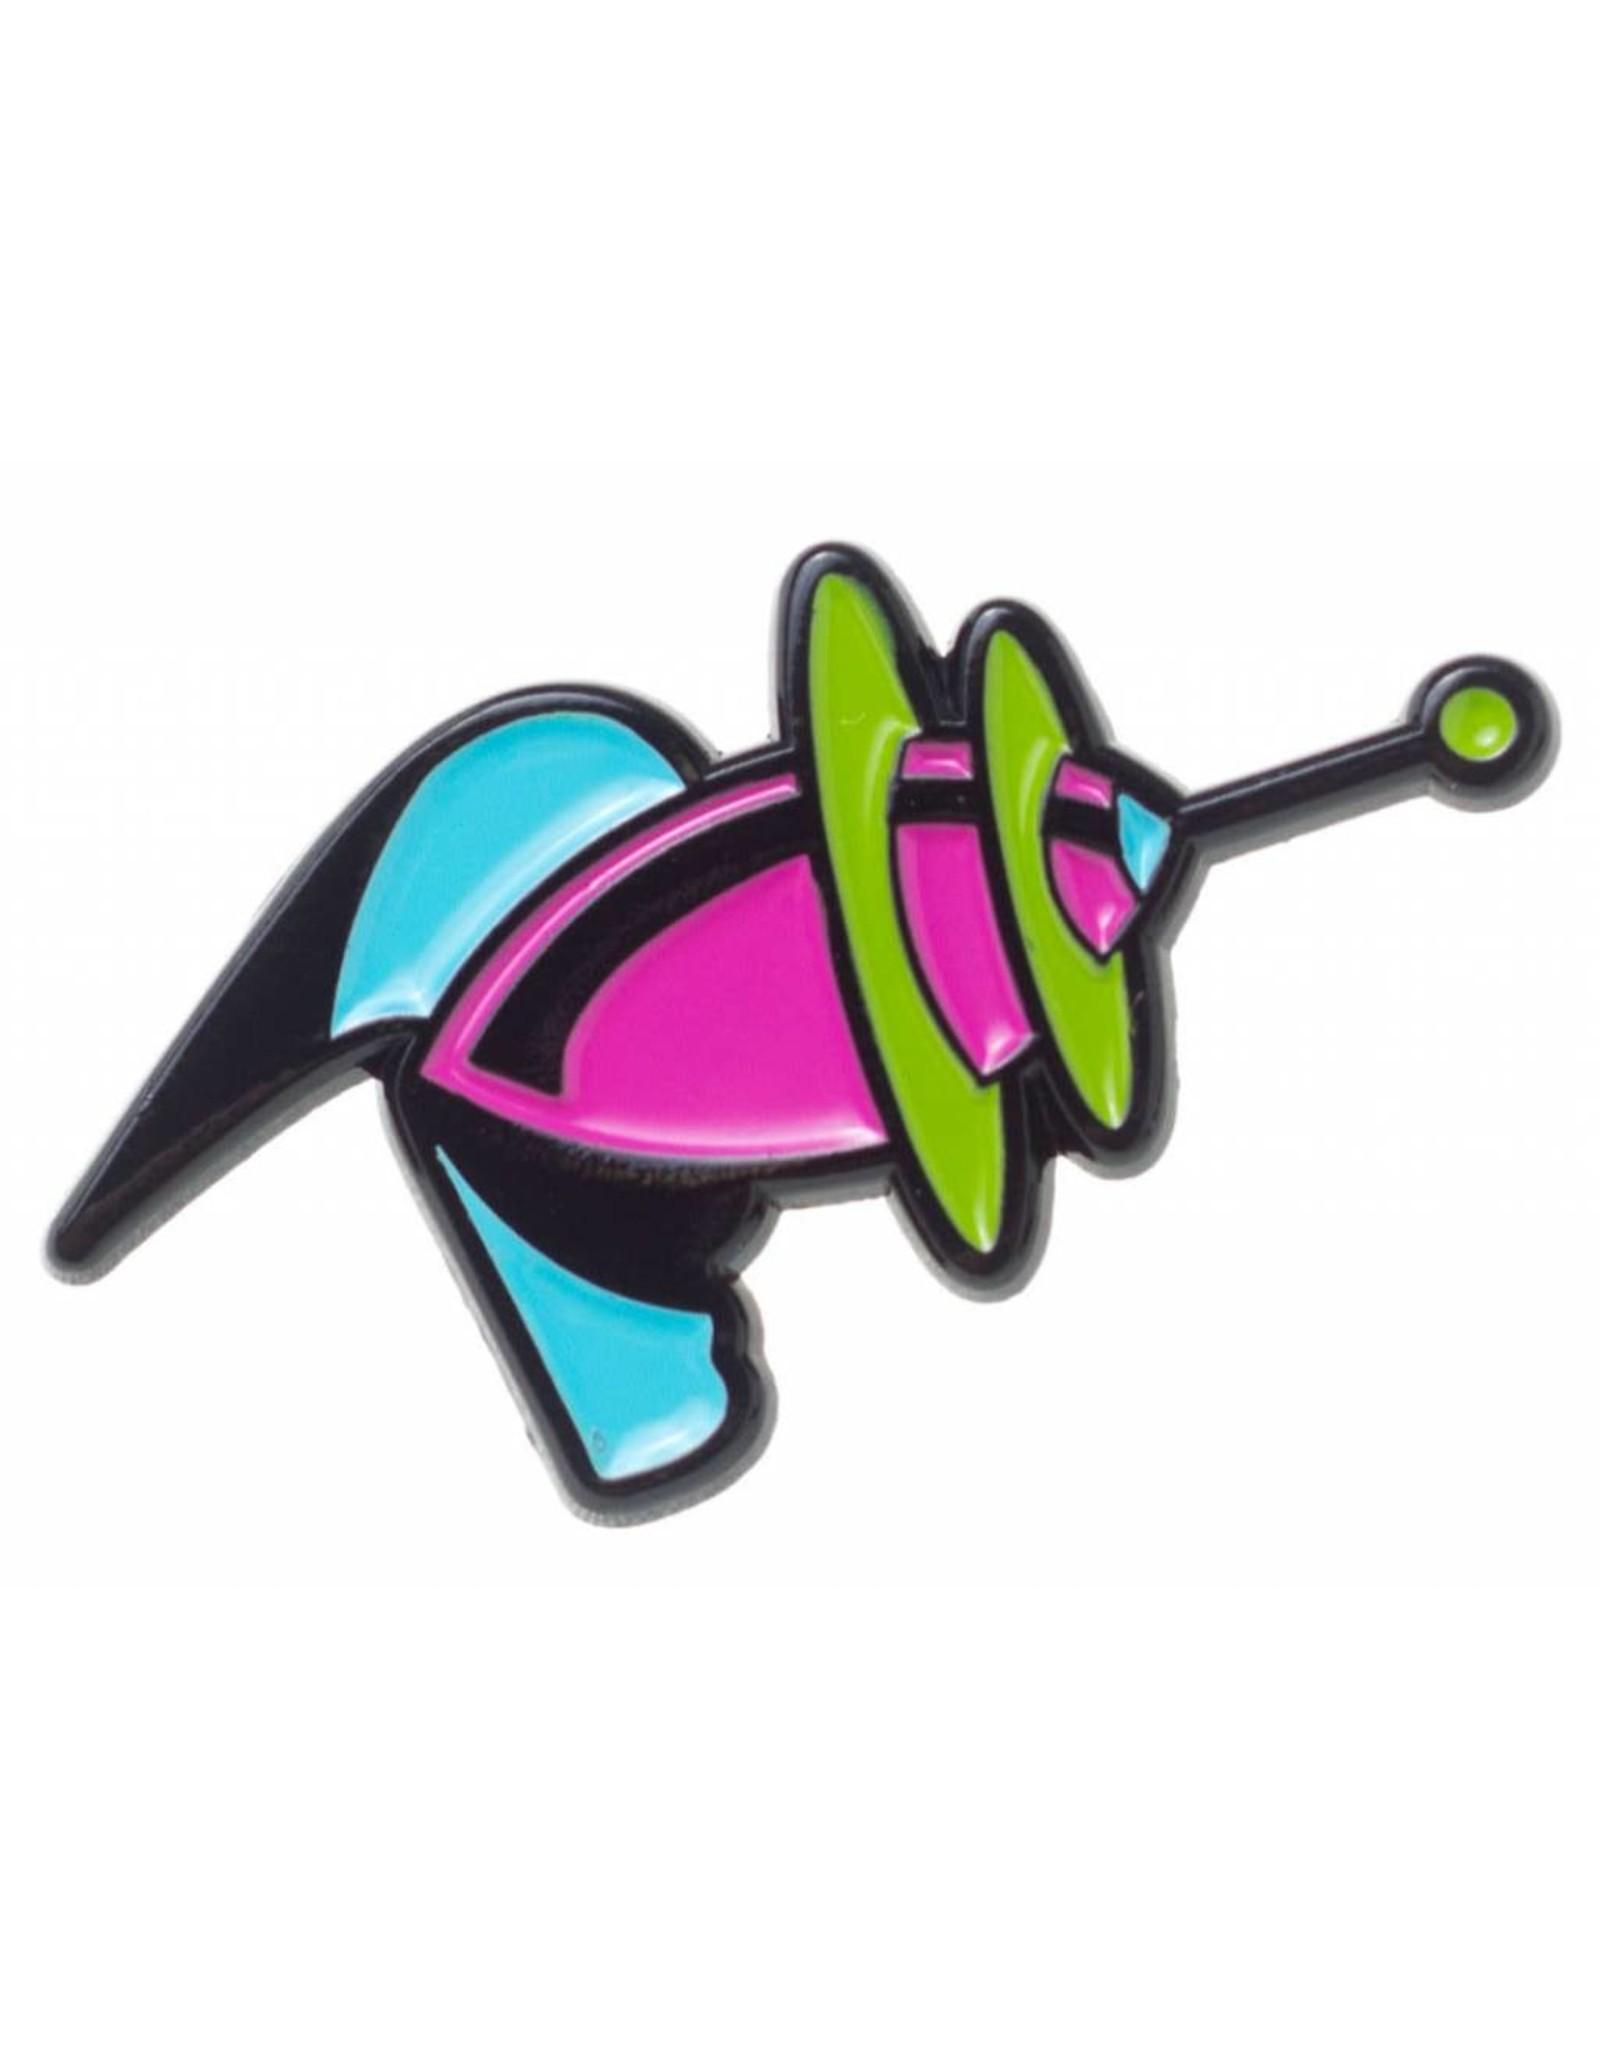 SOURPUSS - Ray Gun Pin